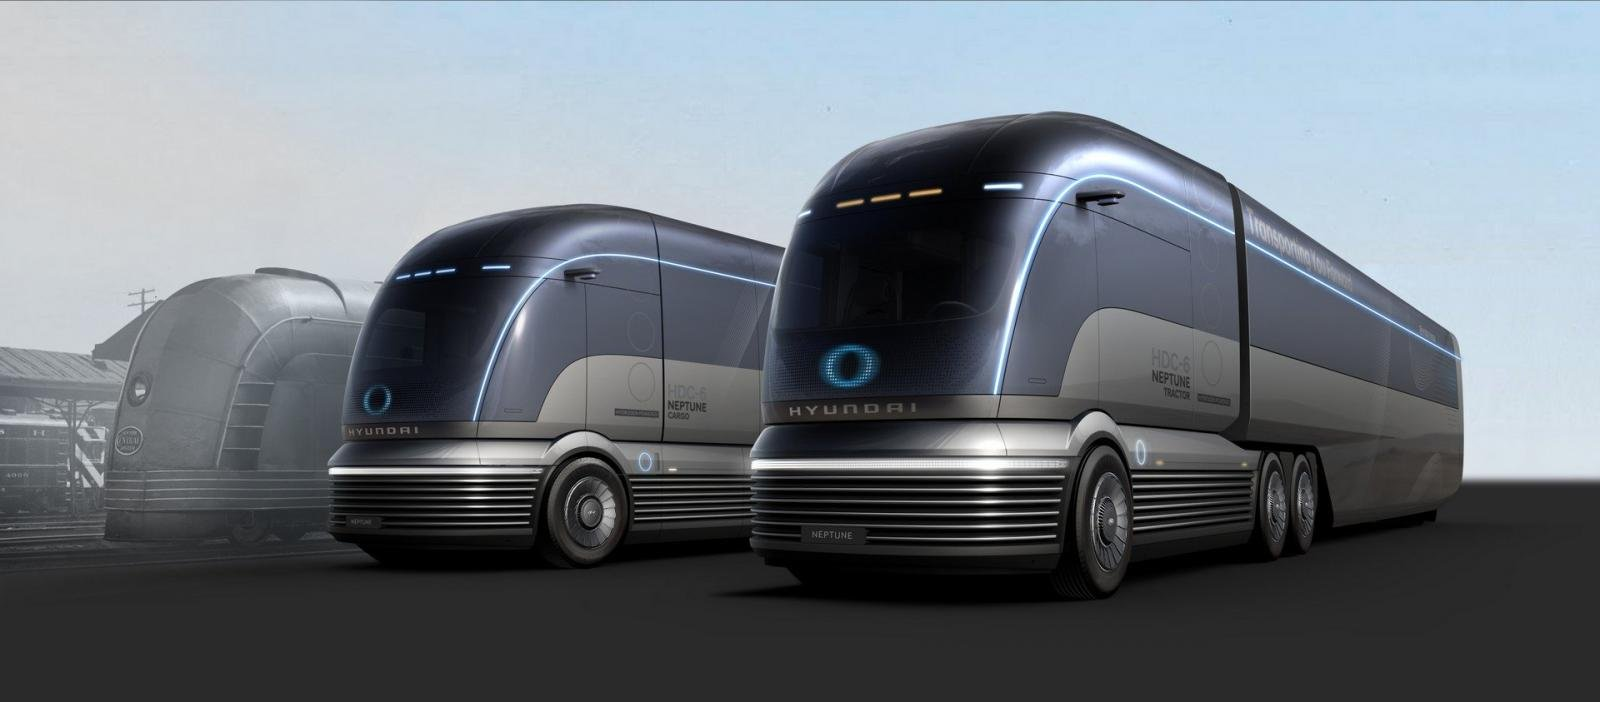 Xe đầu kéo HDC-6 Neptune - phiên bản xe đầu kéo của tương lai.